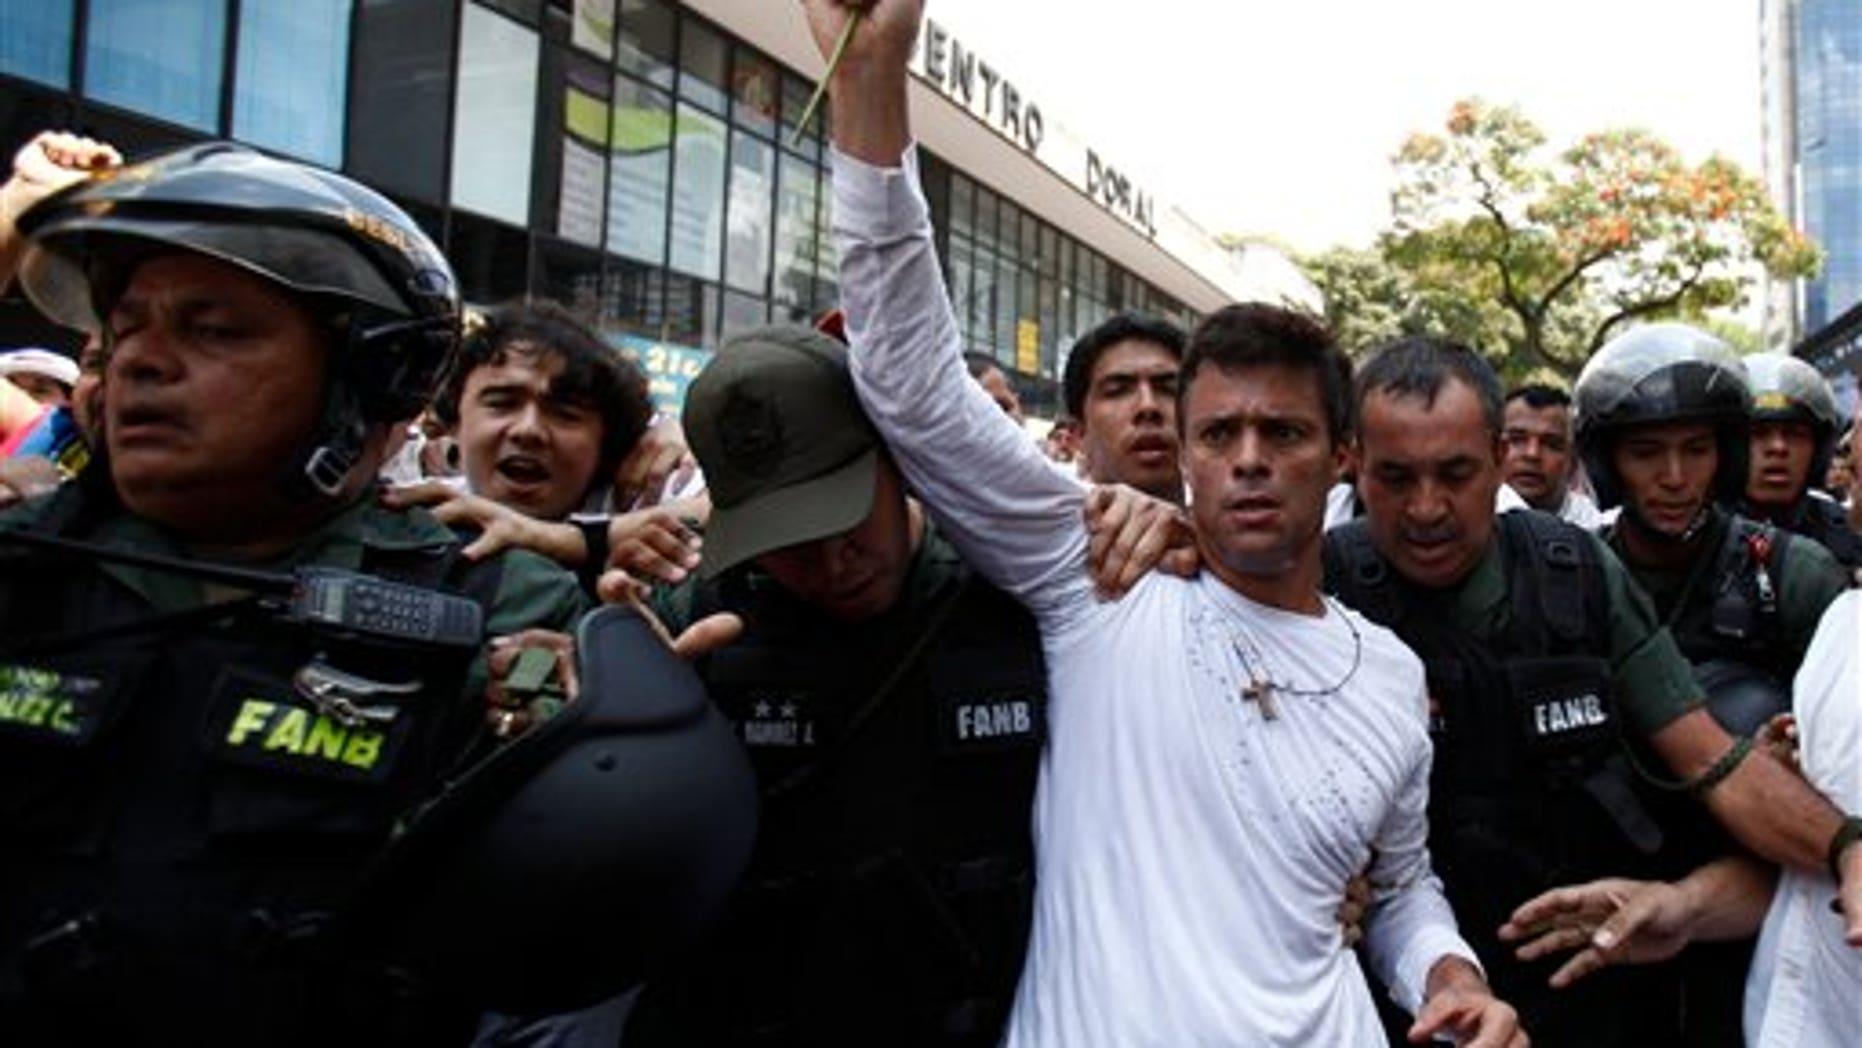 Leopoldo Lopez is taken into custody by Bolivarian National Guards in Caracas, Venezuela, on Feb. 18, 2014.